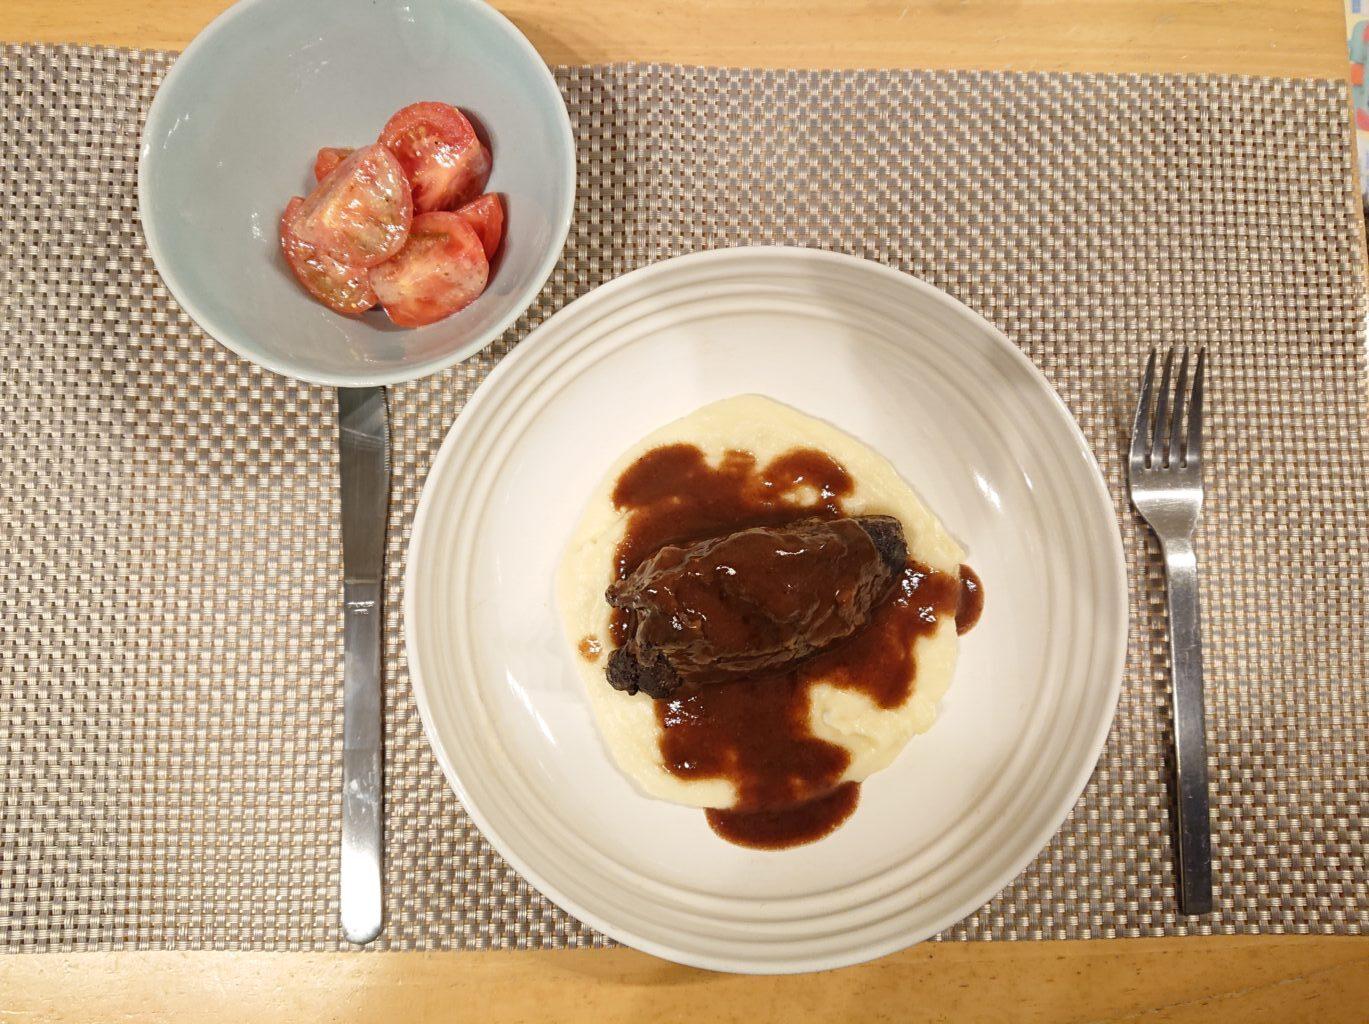 牛ほほ肉の赤ワイン煮込み 氷温2年熟成メークインのピューレとトマトのサラダのセット